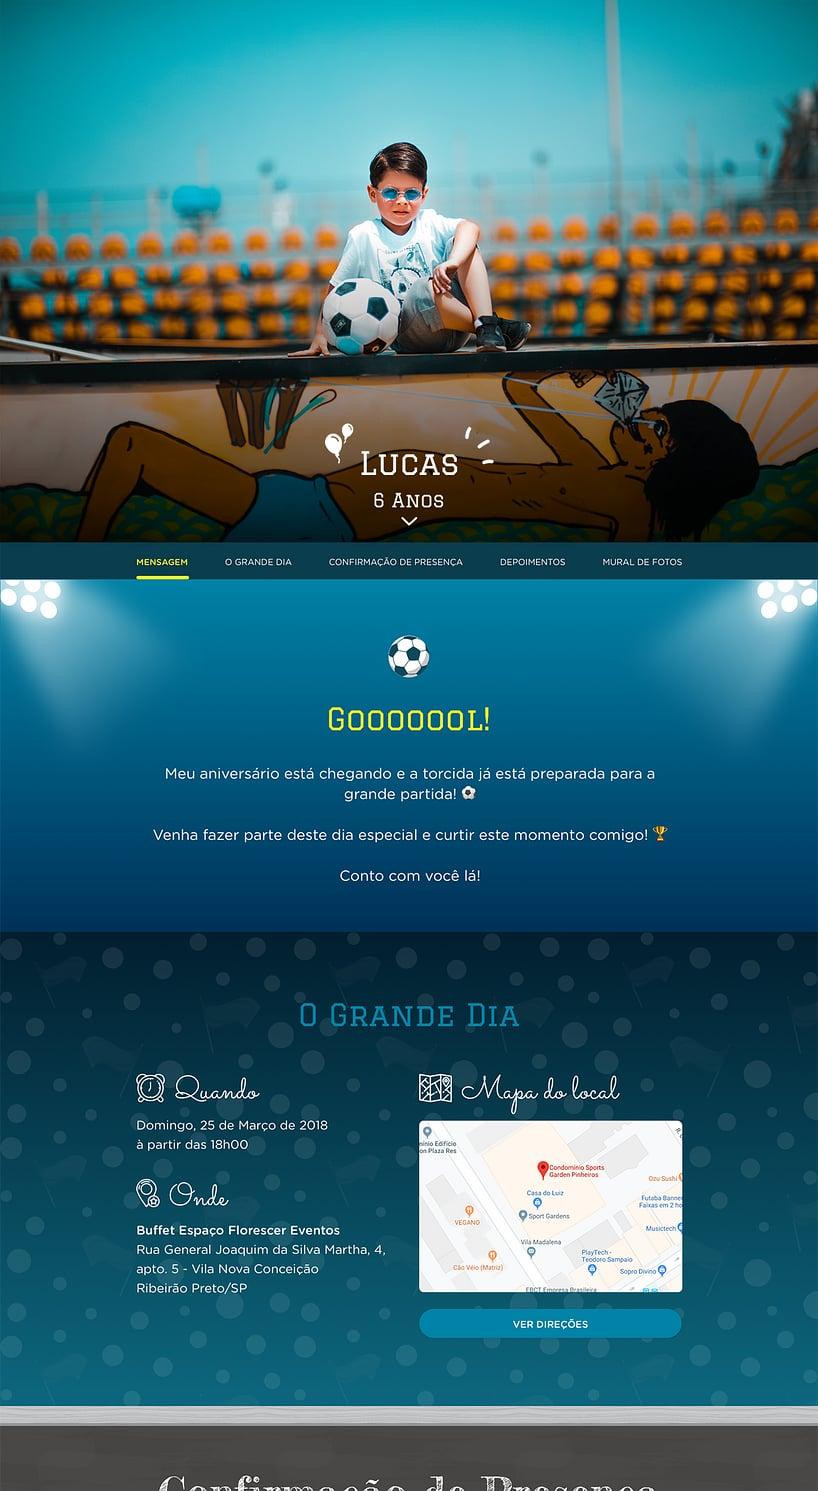 Vibe de Aniversario - Futebol